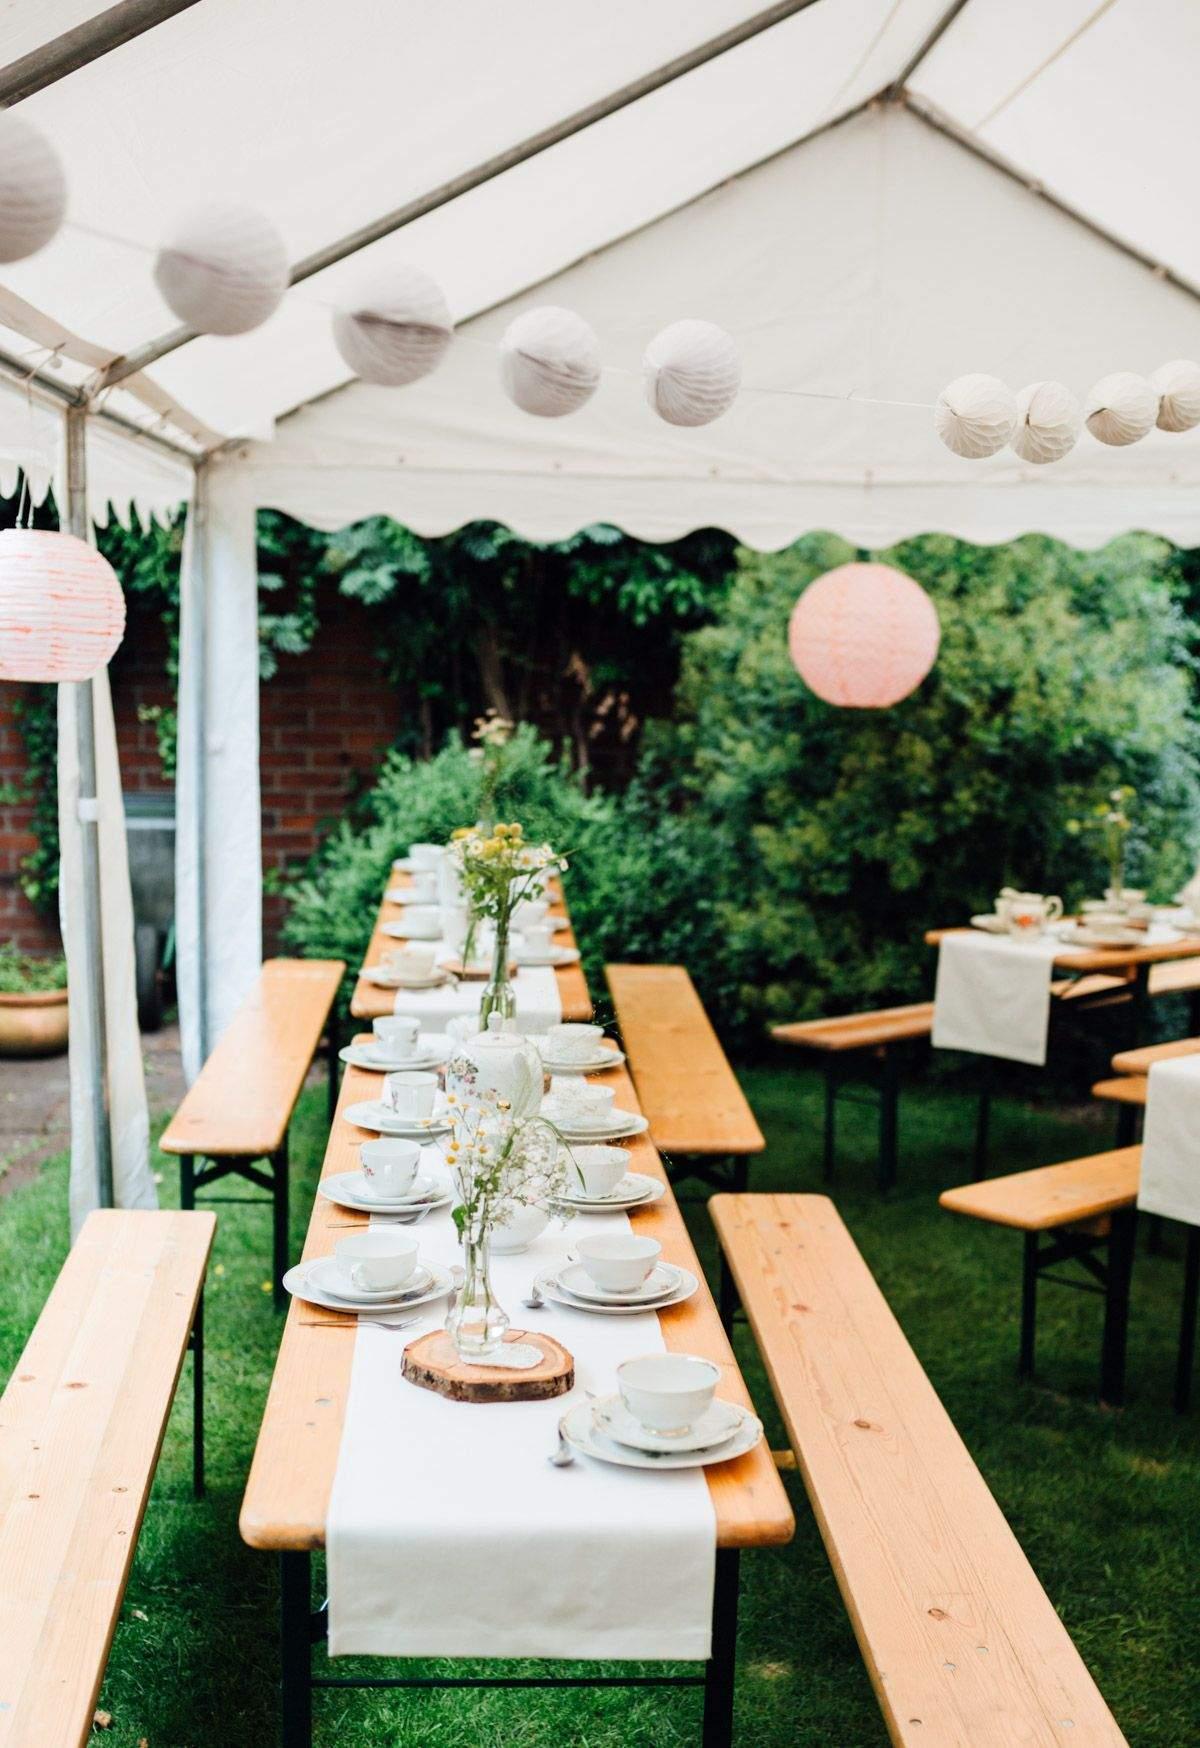 Hochzeit Im Garten Deko Frisch 32 Das Beste Von Garten Hochzeit Reizend